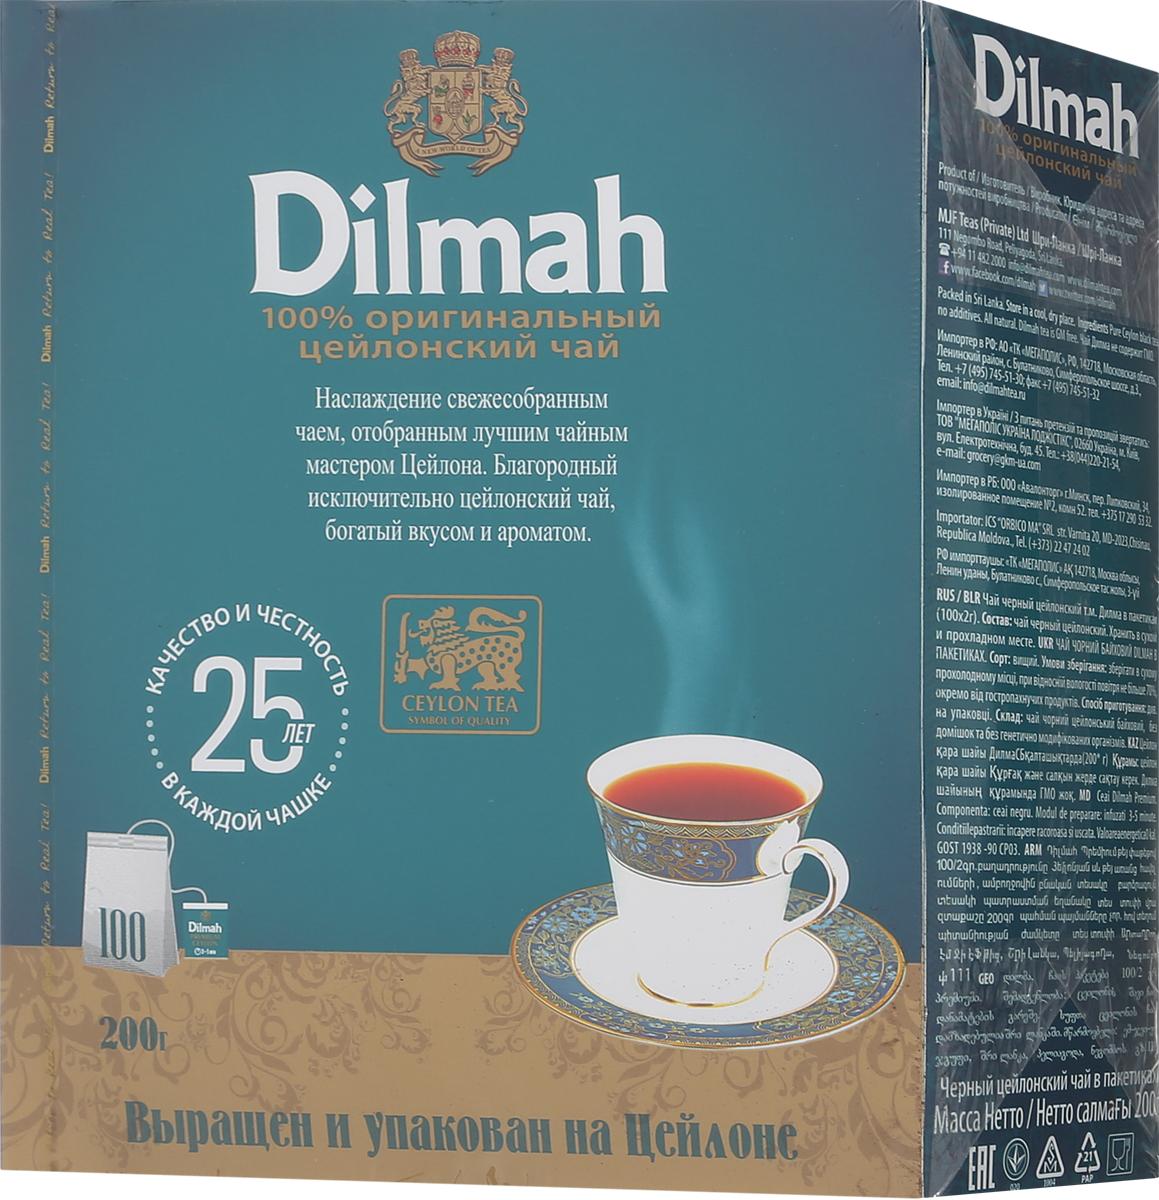 Dilmah Цейлонский черный чай в пакетиках, 100 шт0120710Dilmah Цейлонский черный чай в пакетиках - это наслаждение свежесобранным чаем, отобранным лучшим чайным мастером Цейлона. Благородный исключительно цейлонский чай, богатый вкусом и ароматом.Dilmah - чай однородного происхождения. Только цейлонский чай попадает в каждую пачку Dilmah. Чай упаковывается в Шри-Ланке практически сразу после сбора чайного листа. Dilmah - настоящий этический чай. Доходы от продаж делятся с работниками чайных плантаций и сообществом. Dilmah сохраняет приверженность традиционному чаю. Вот почему его вкус такой особенный.Уважаемые клиенты! Обращаем ваше внимание на то, что упаковка может иметь несколько видов дизайна. Поставка осуществляется в зависимости от наличия на складе.